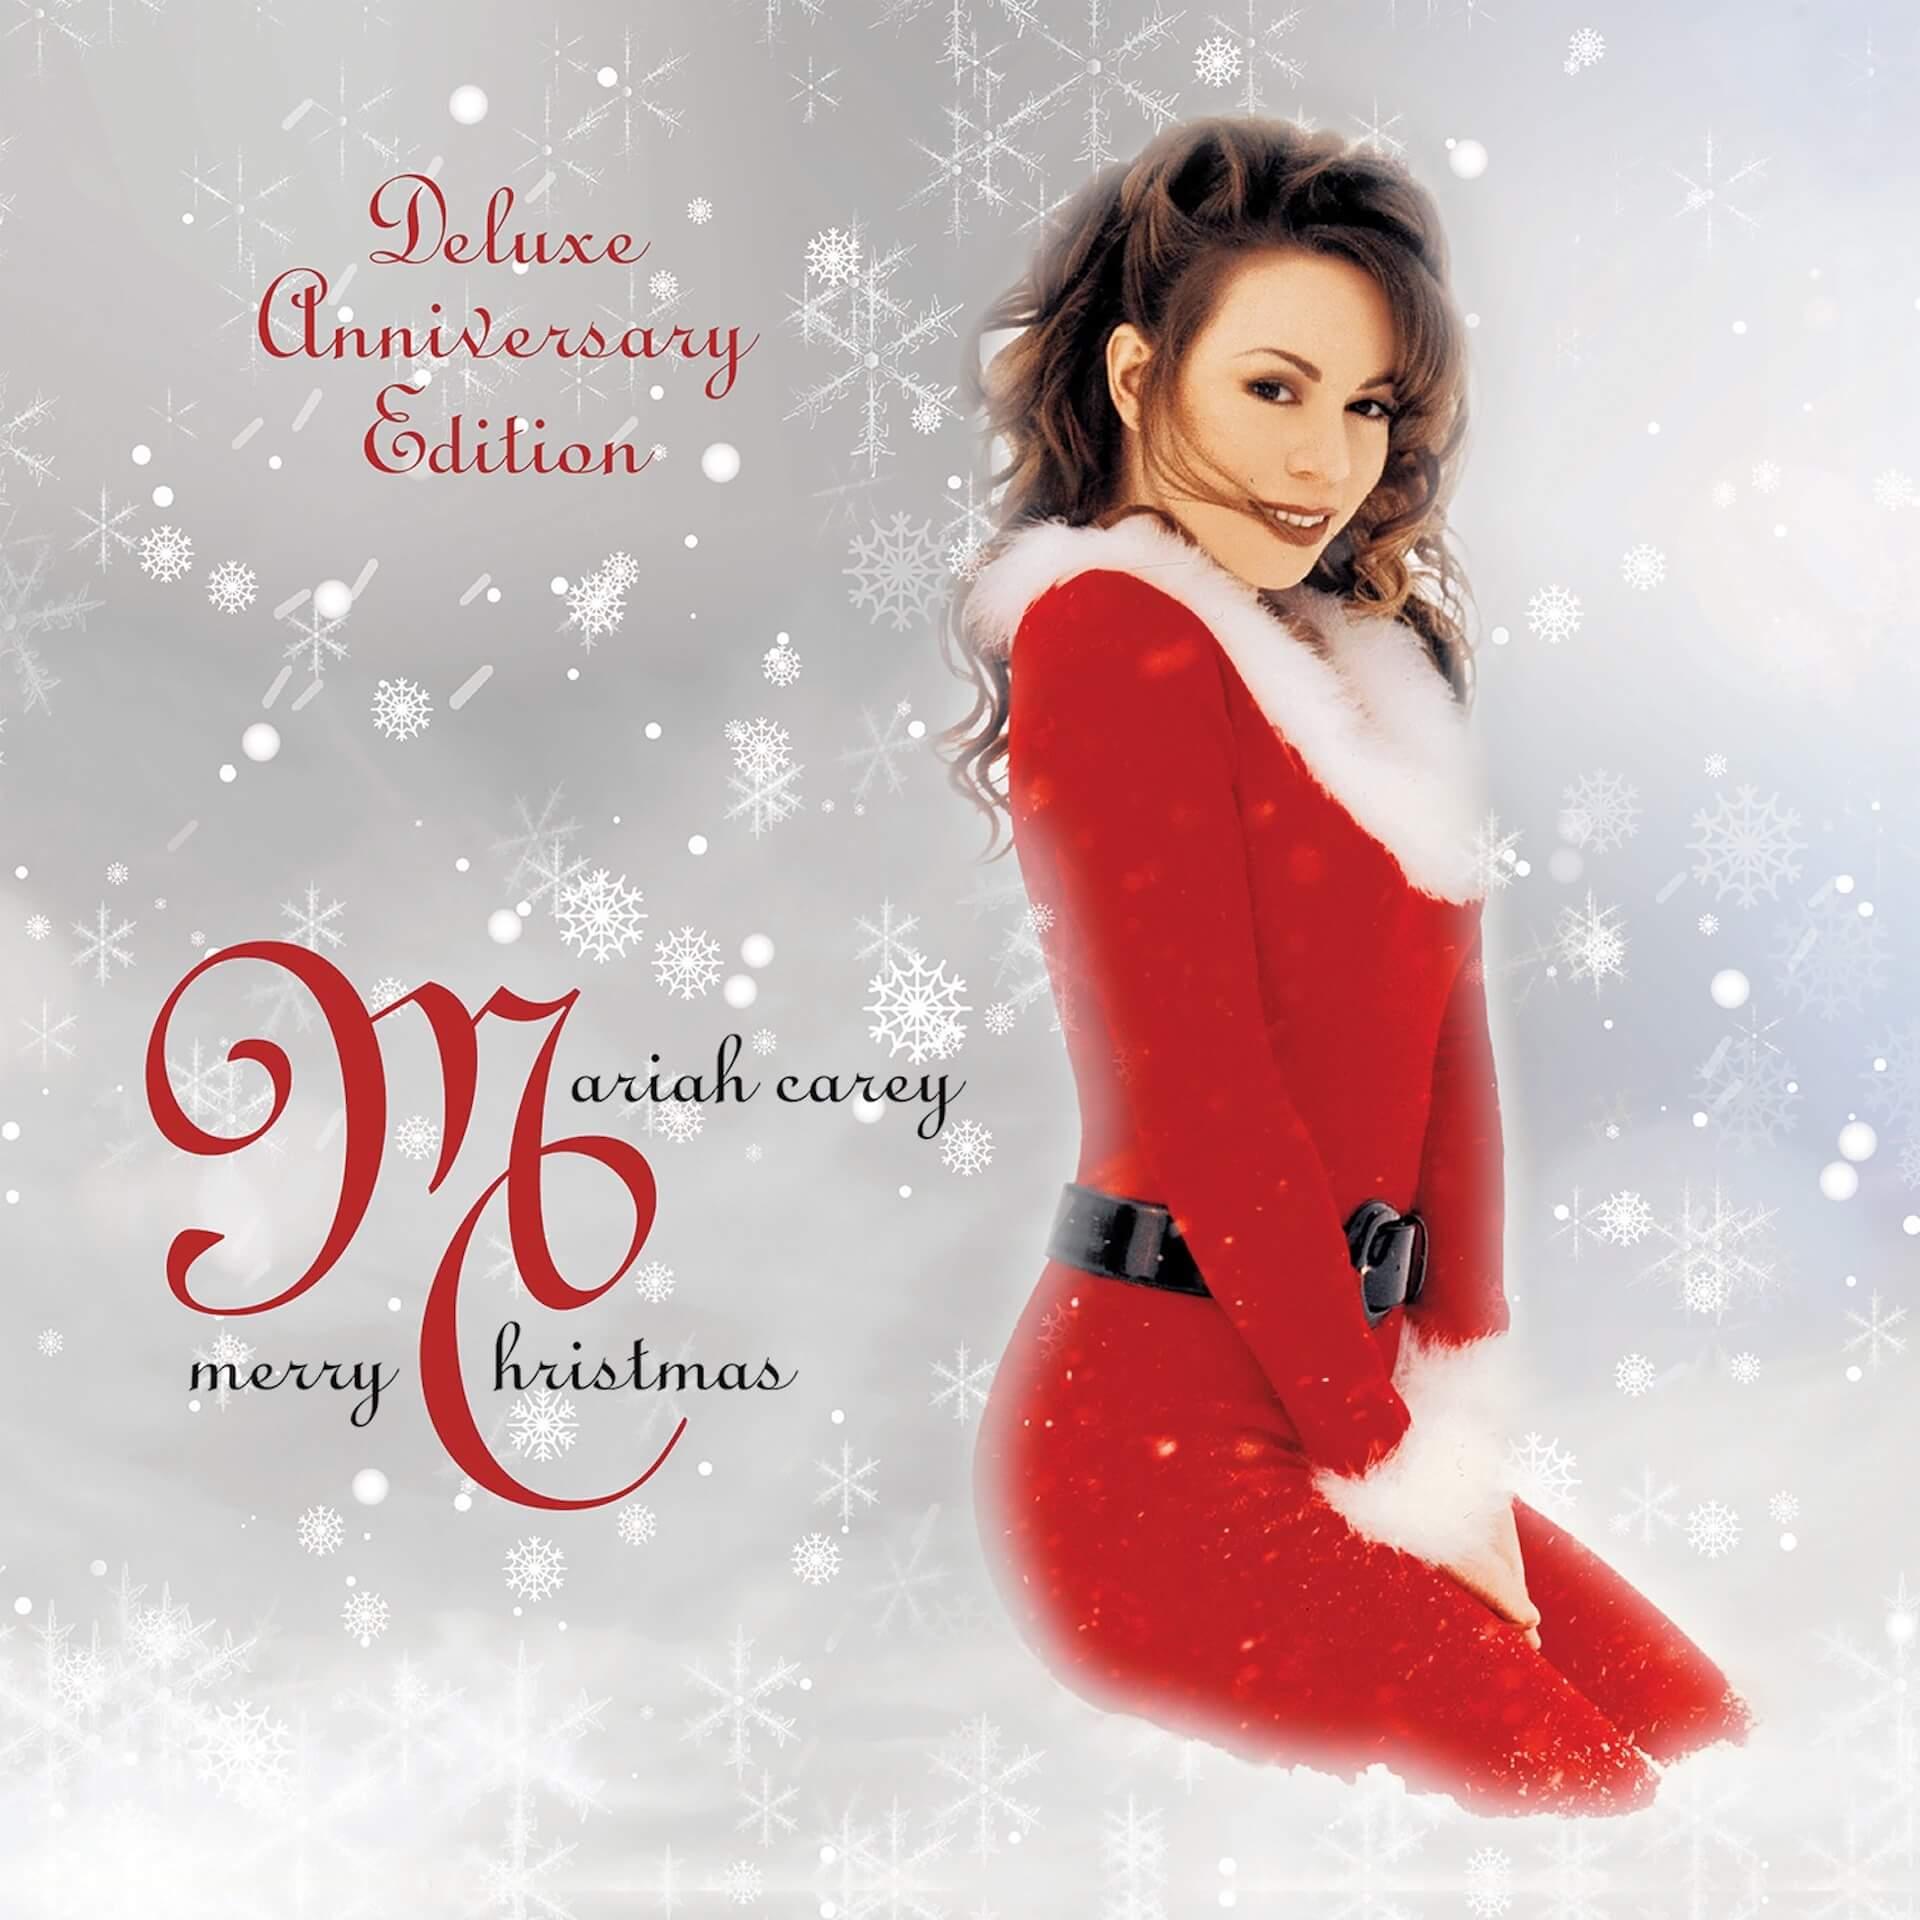 マライア・キャリー「恋人たちのクリスマス」が発売から25年を経て全米シングル・チャート初の1位を獲得|ホリデー・ソングがチャート首位を獲得するのは史上初 music191217-mariah-carey-1